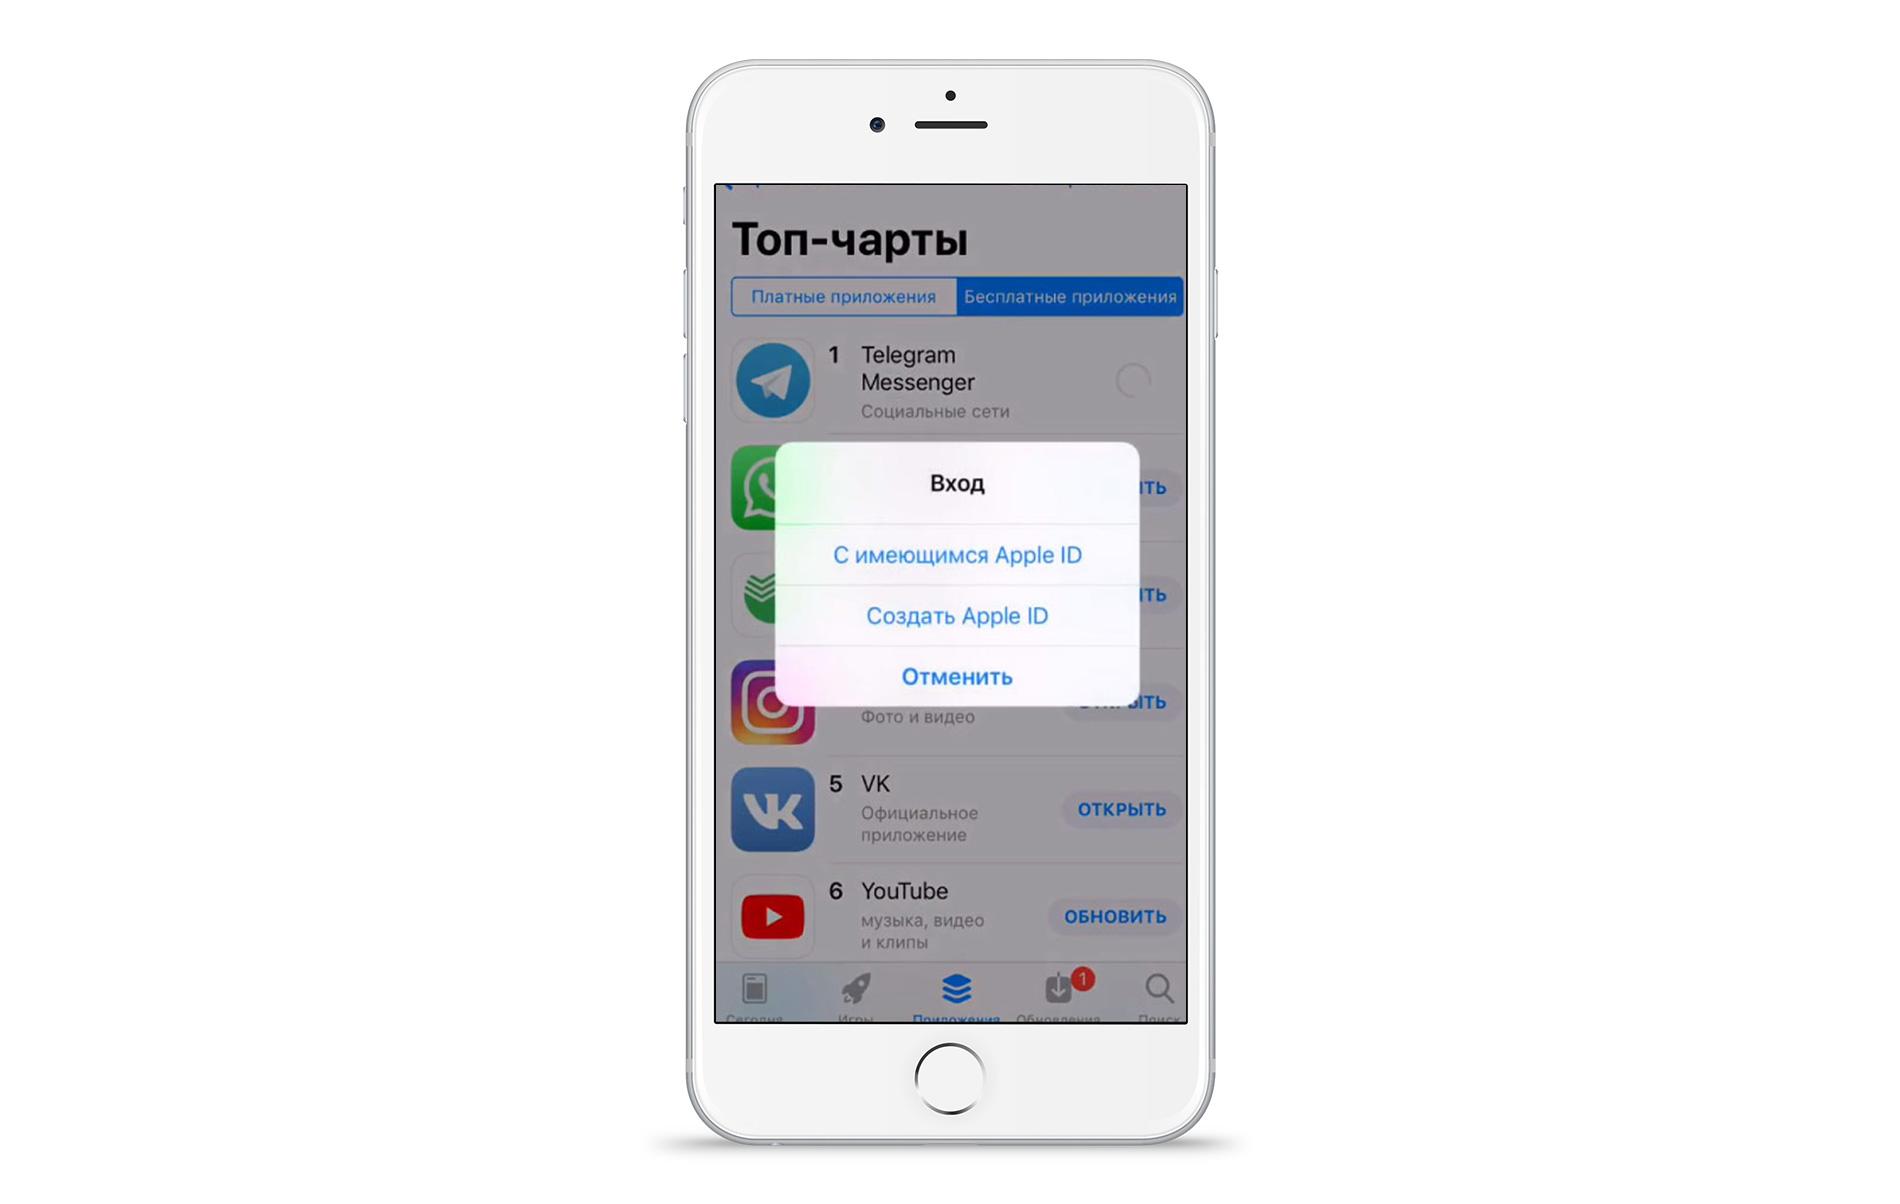 Создание-учетной-записи-apple-id